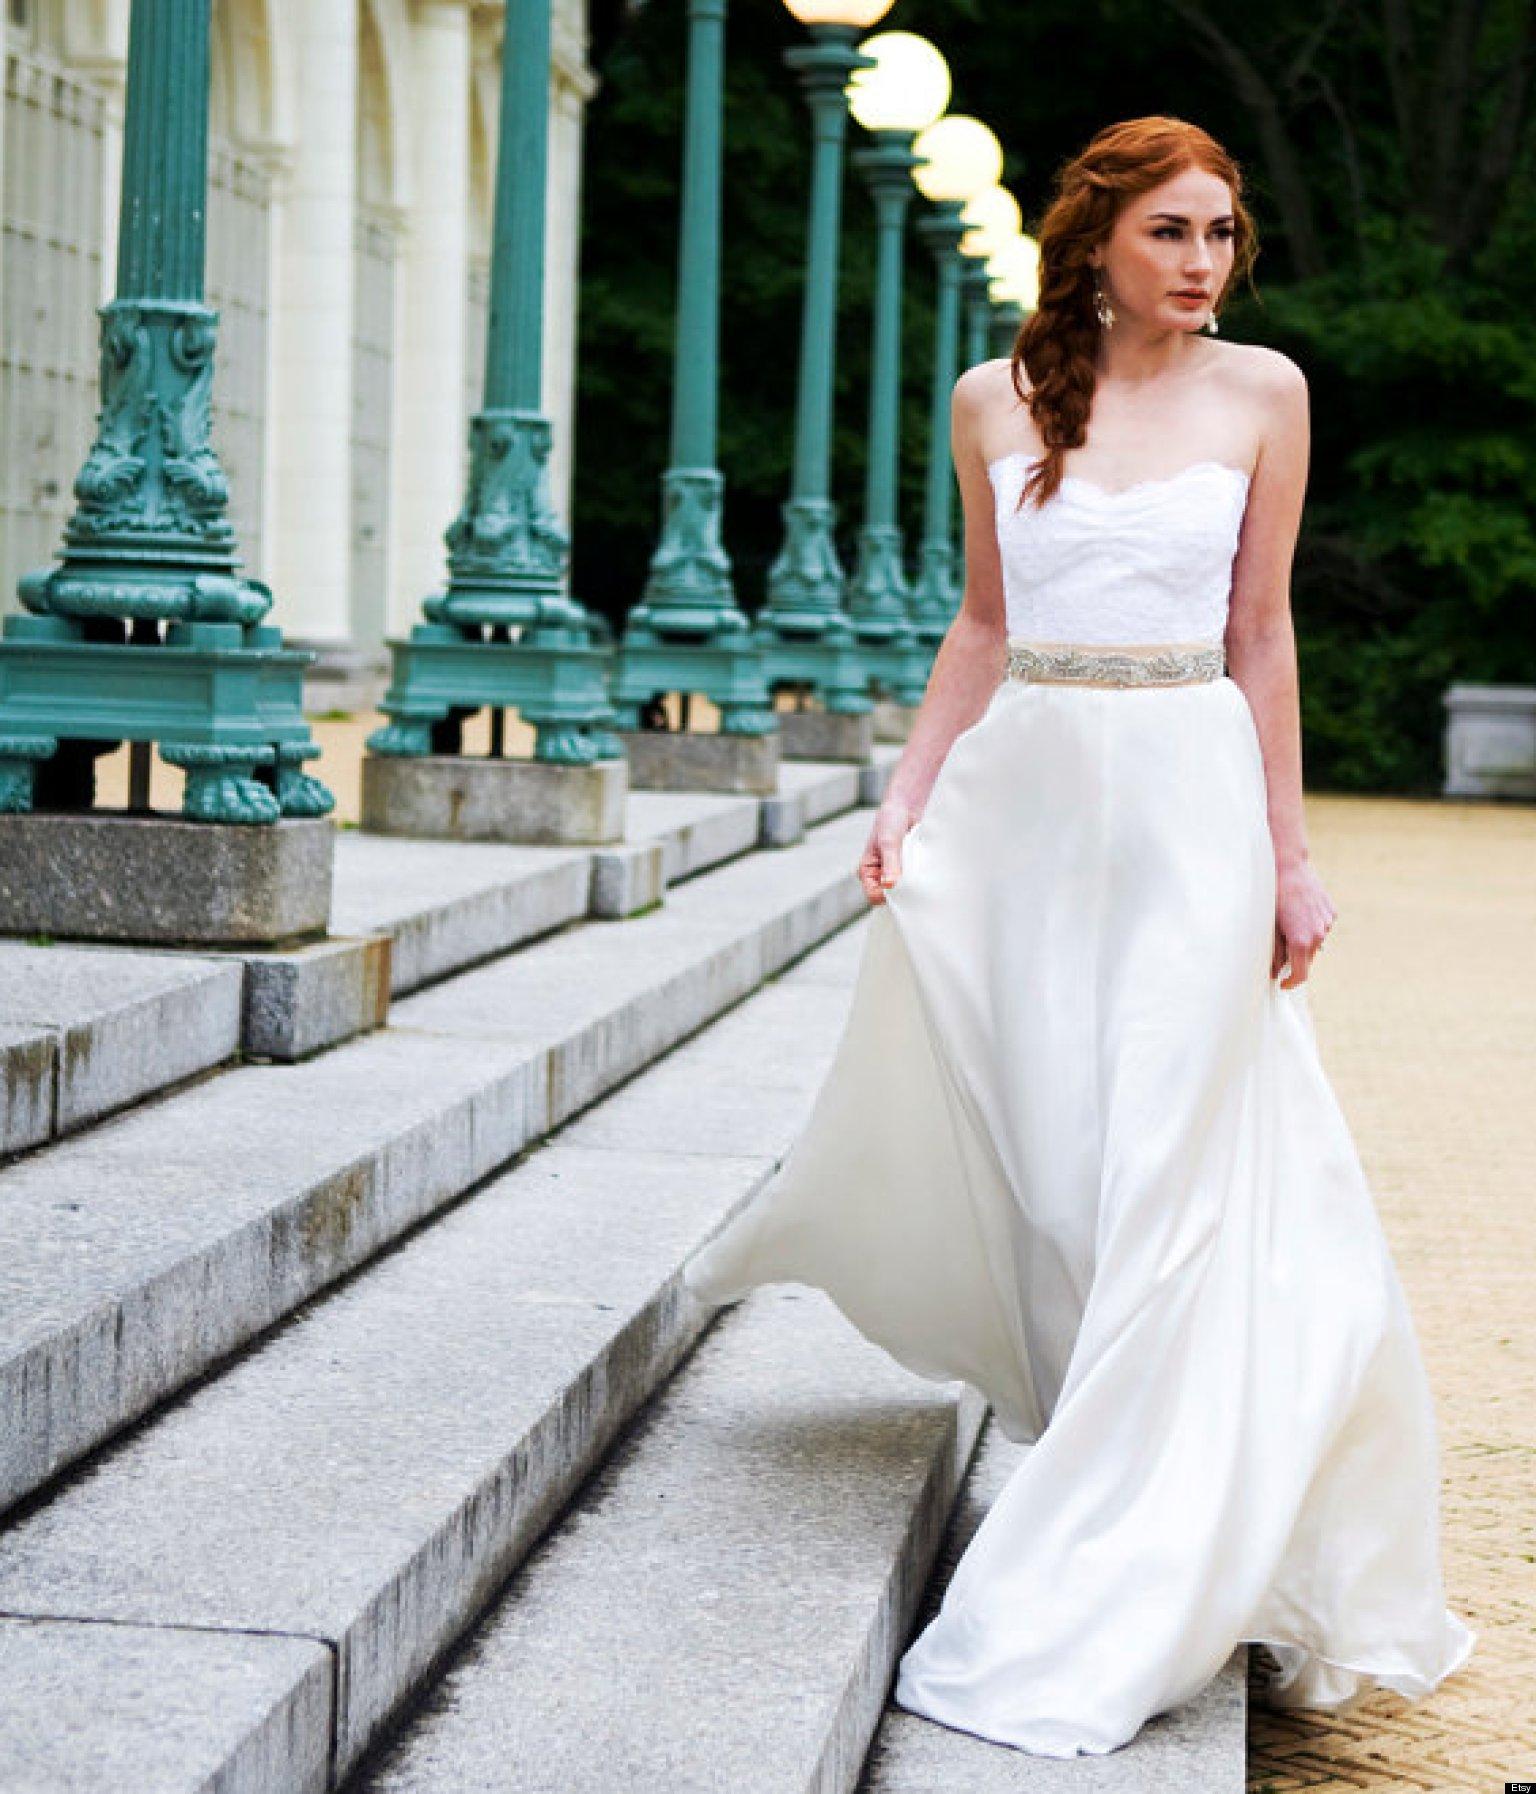 wedding bridal fashion unconventional dresses